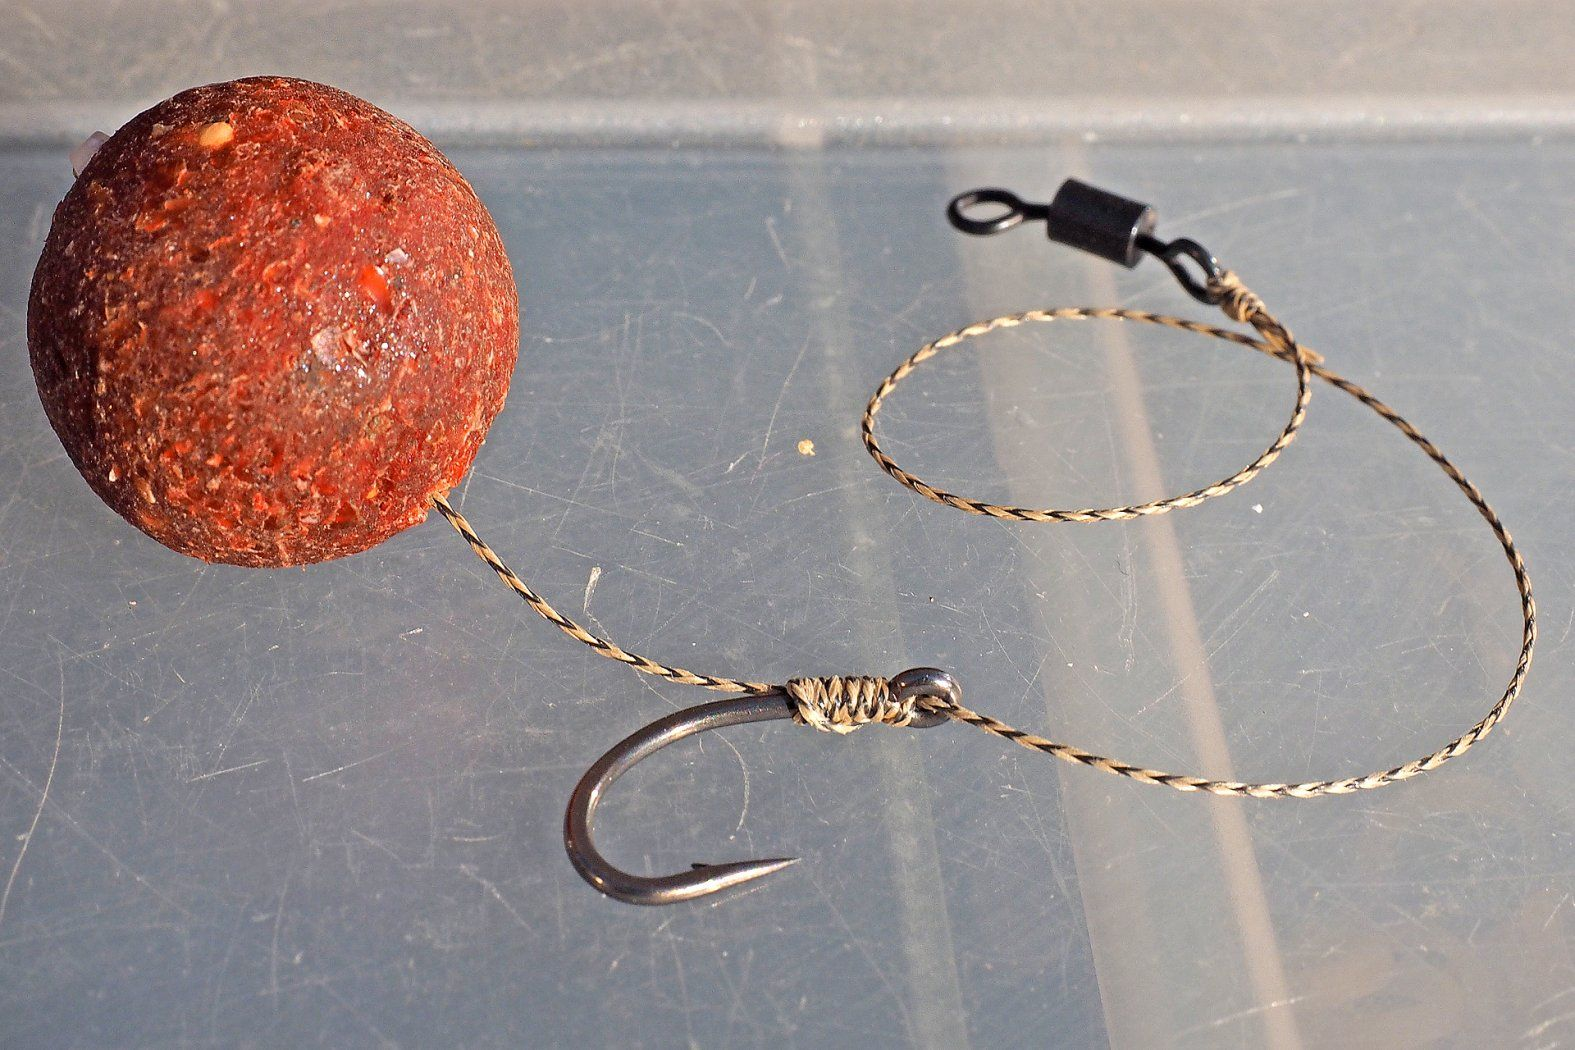 Бойлы: что это за приманка, изготовление и применение – рыбалке.нет